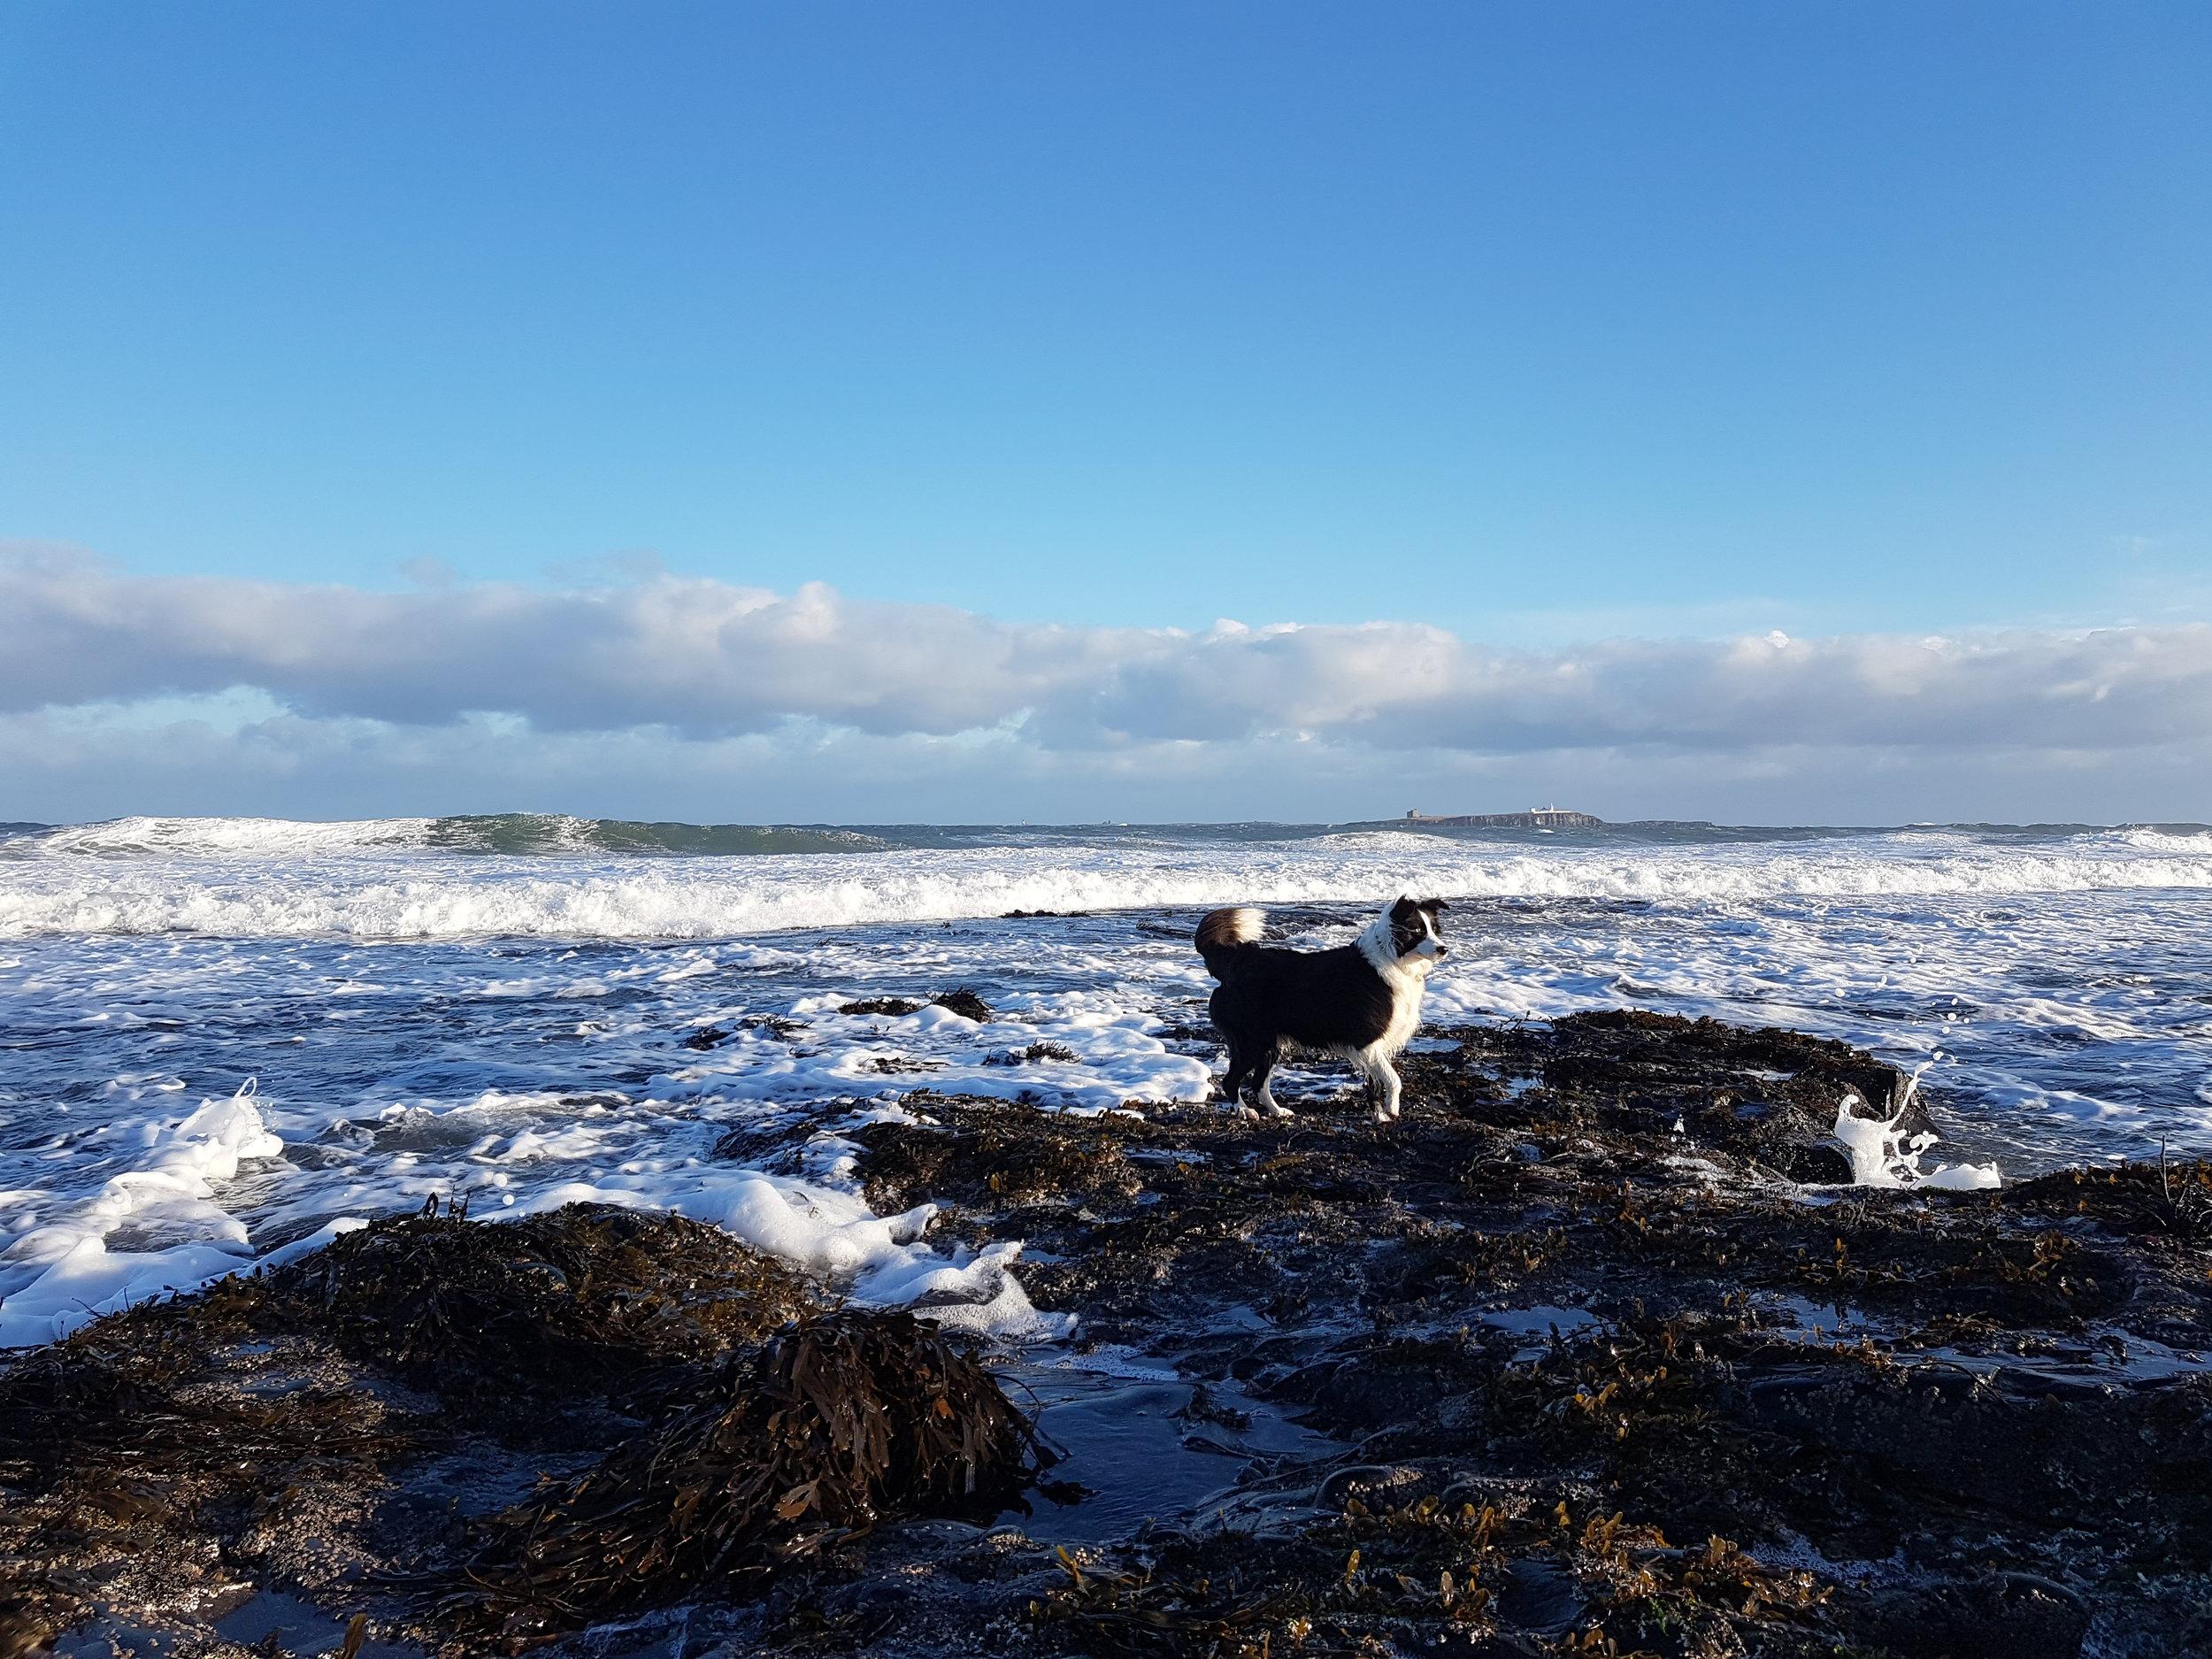 Gatbsy overlooking the Farne Islands